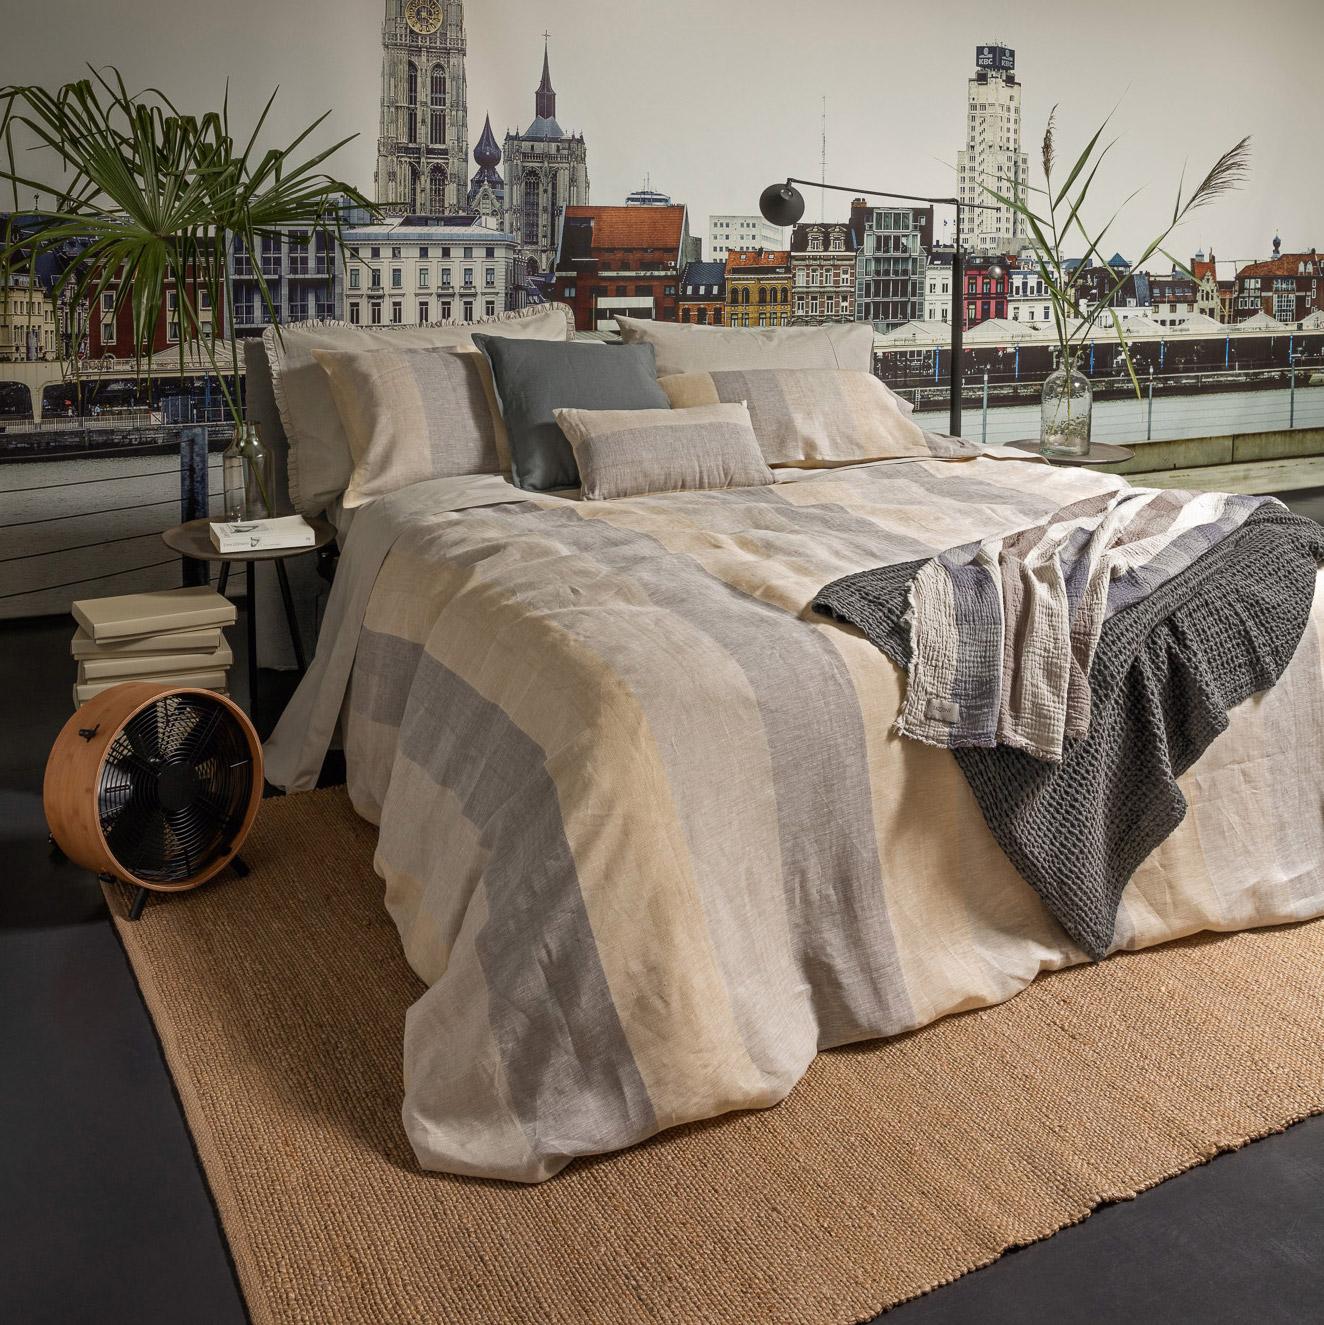 Постельный комплект Fazzini vernissage семейный 200х220 см naturale/grigio